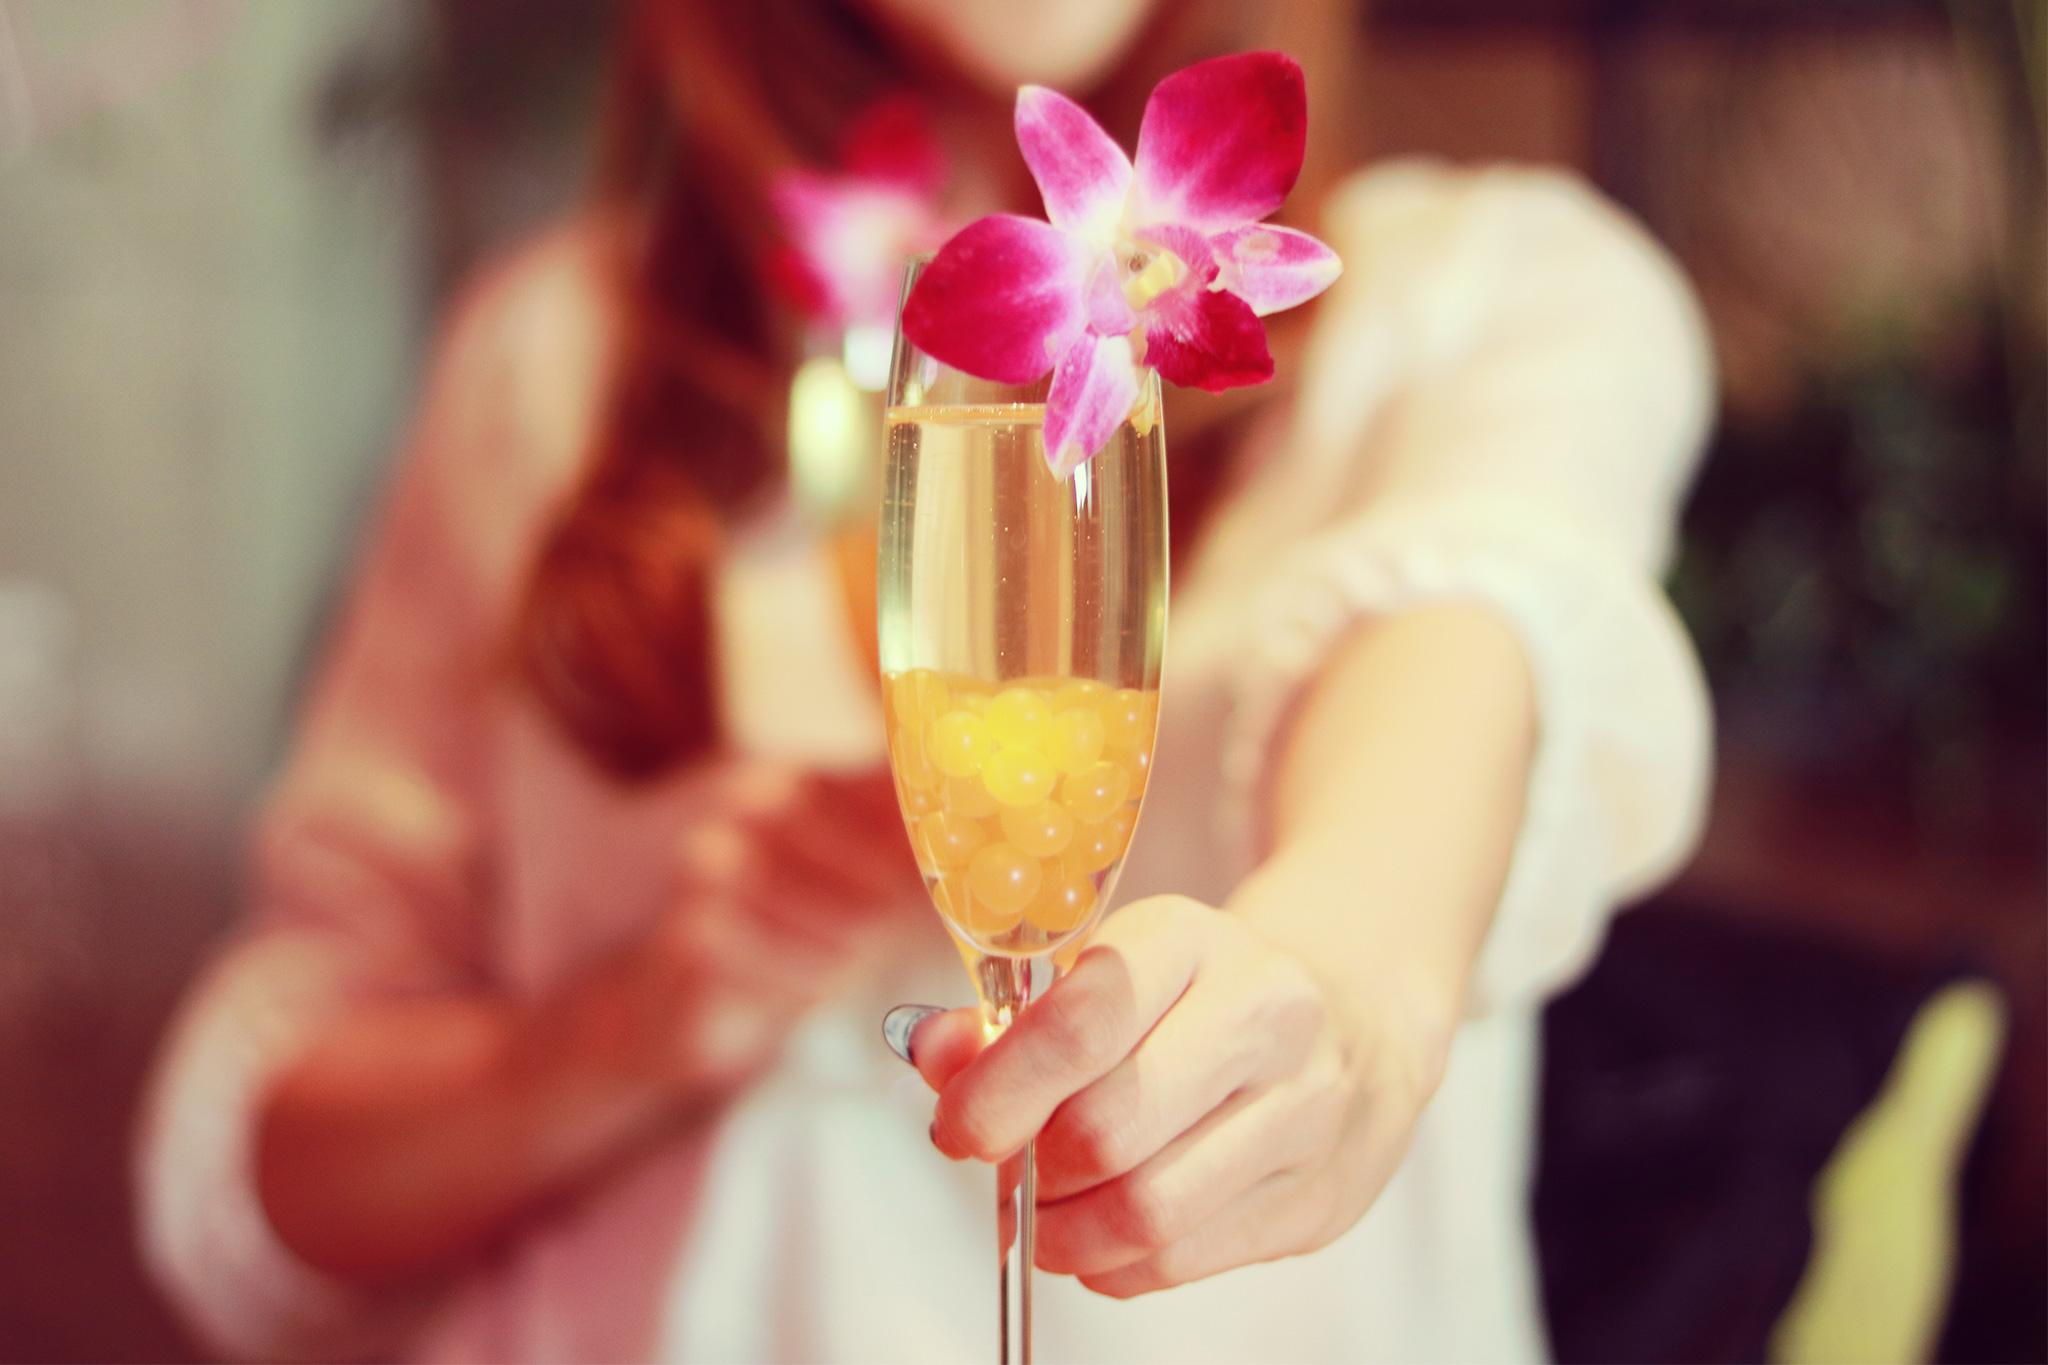 シャンパンを持つ女性